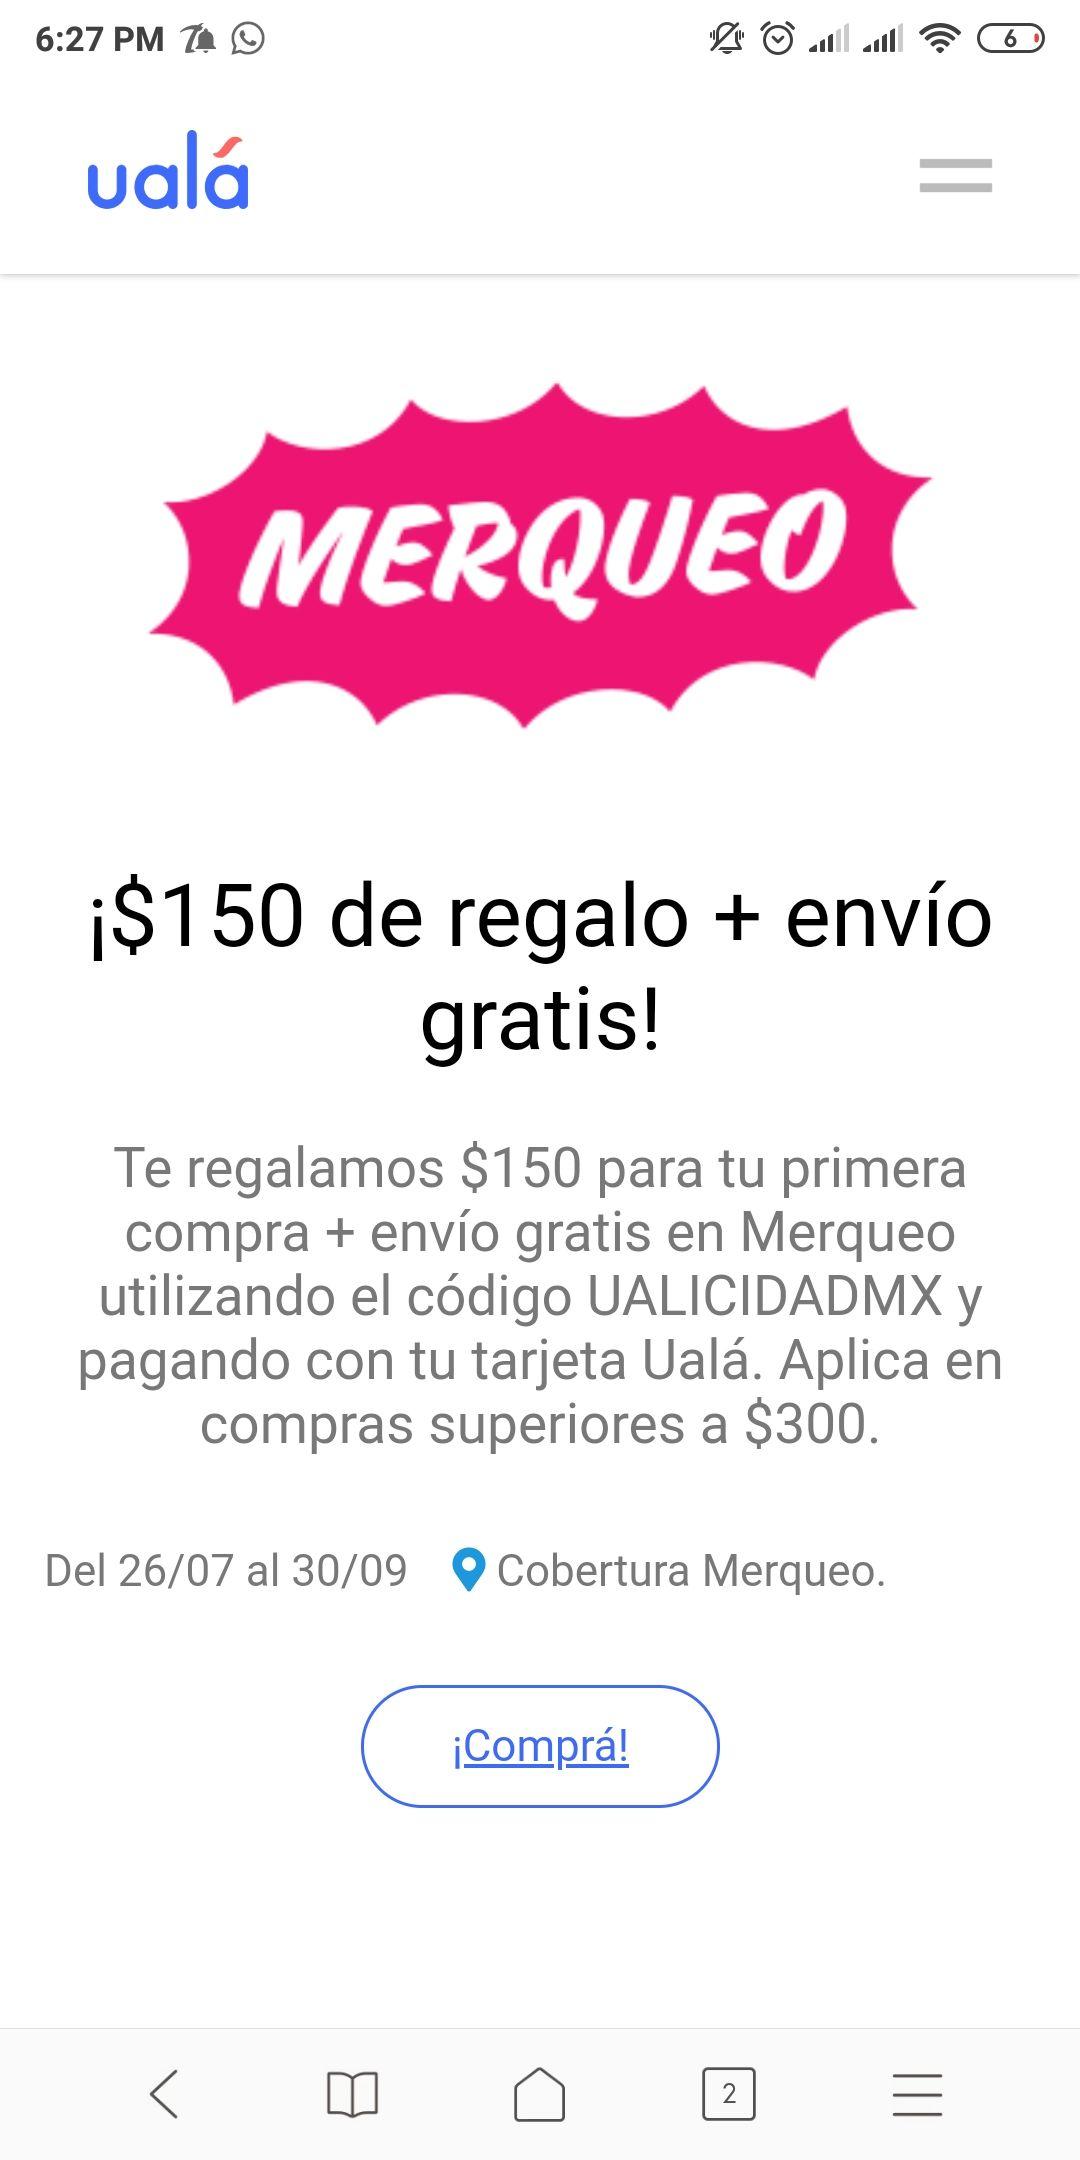 Merqueo/Uala (Super en línea) $150 de regalo + envío gratis